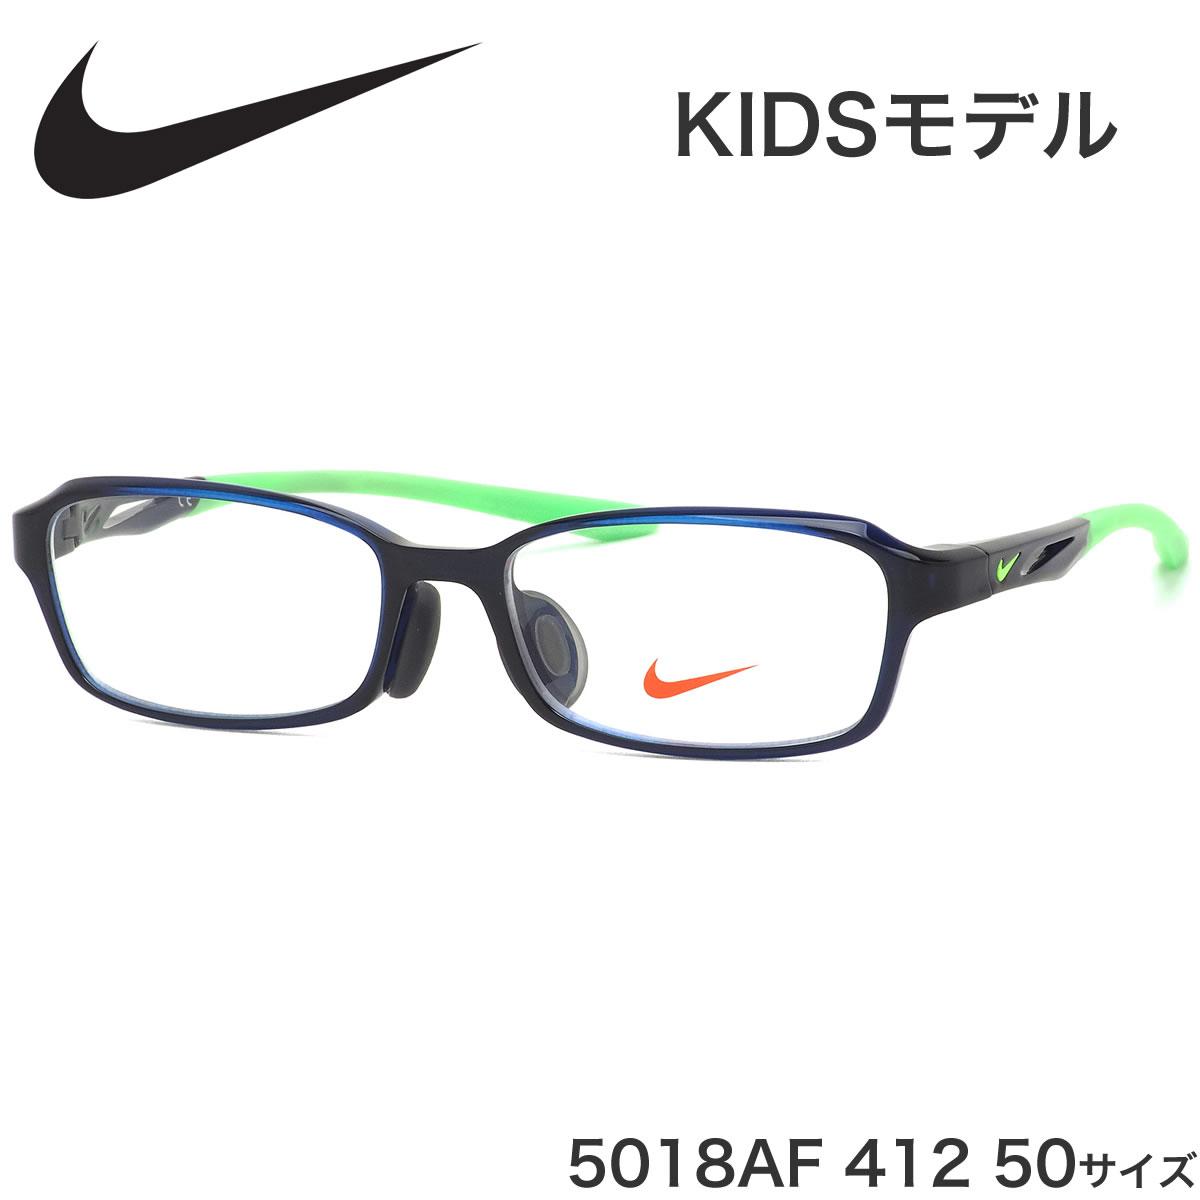 ナイキ NIKE キッズ用メガネ 5018AF 412 50サイズ ジュニア用 軽い スポーツ アジアンフィット 黒縁 子供用